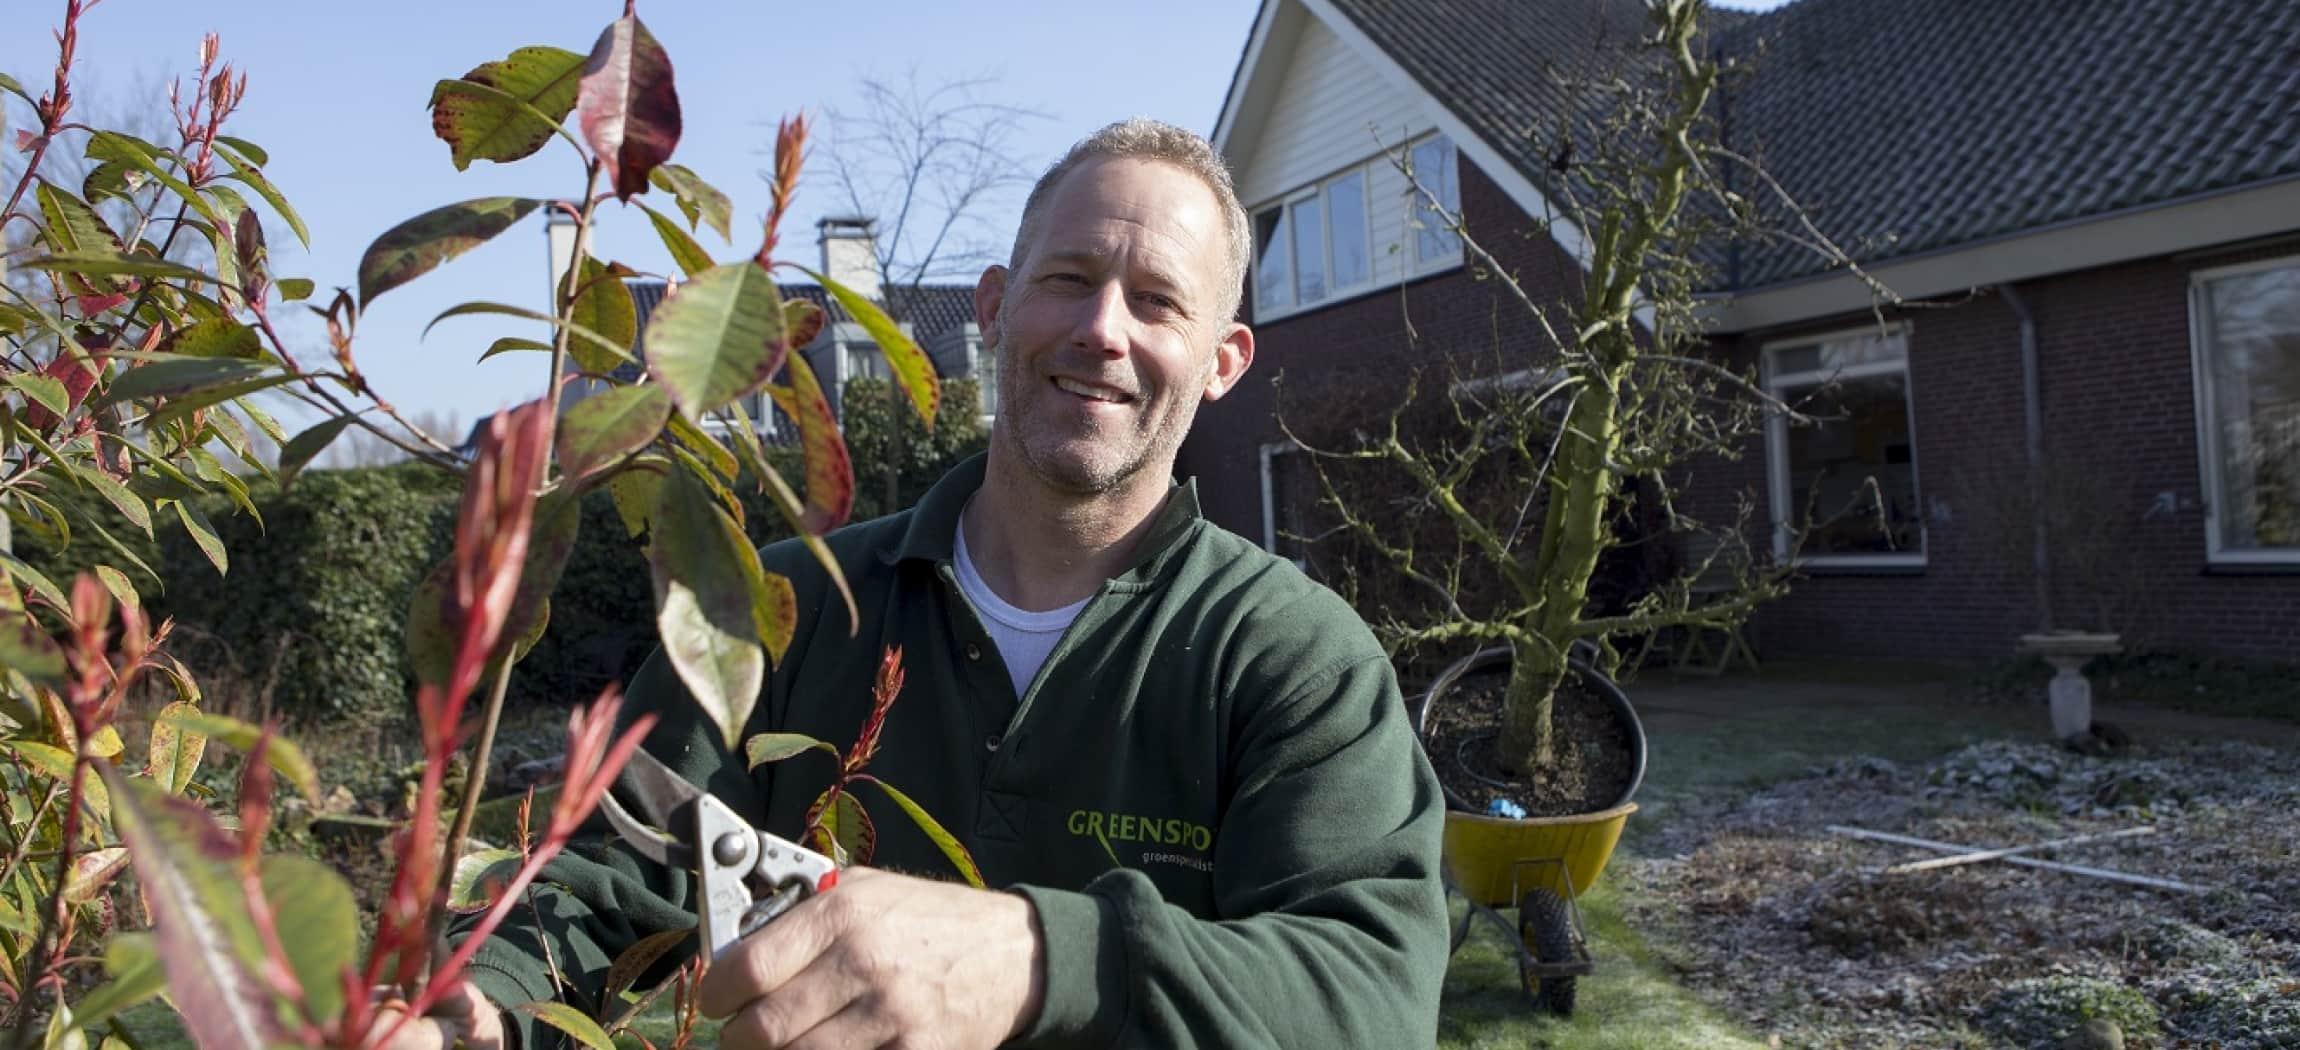 Tuin in aanleg met tuinman in groene sweater en snoeischaar